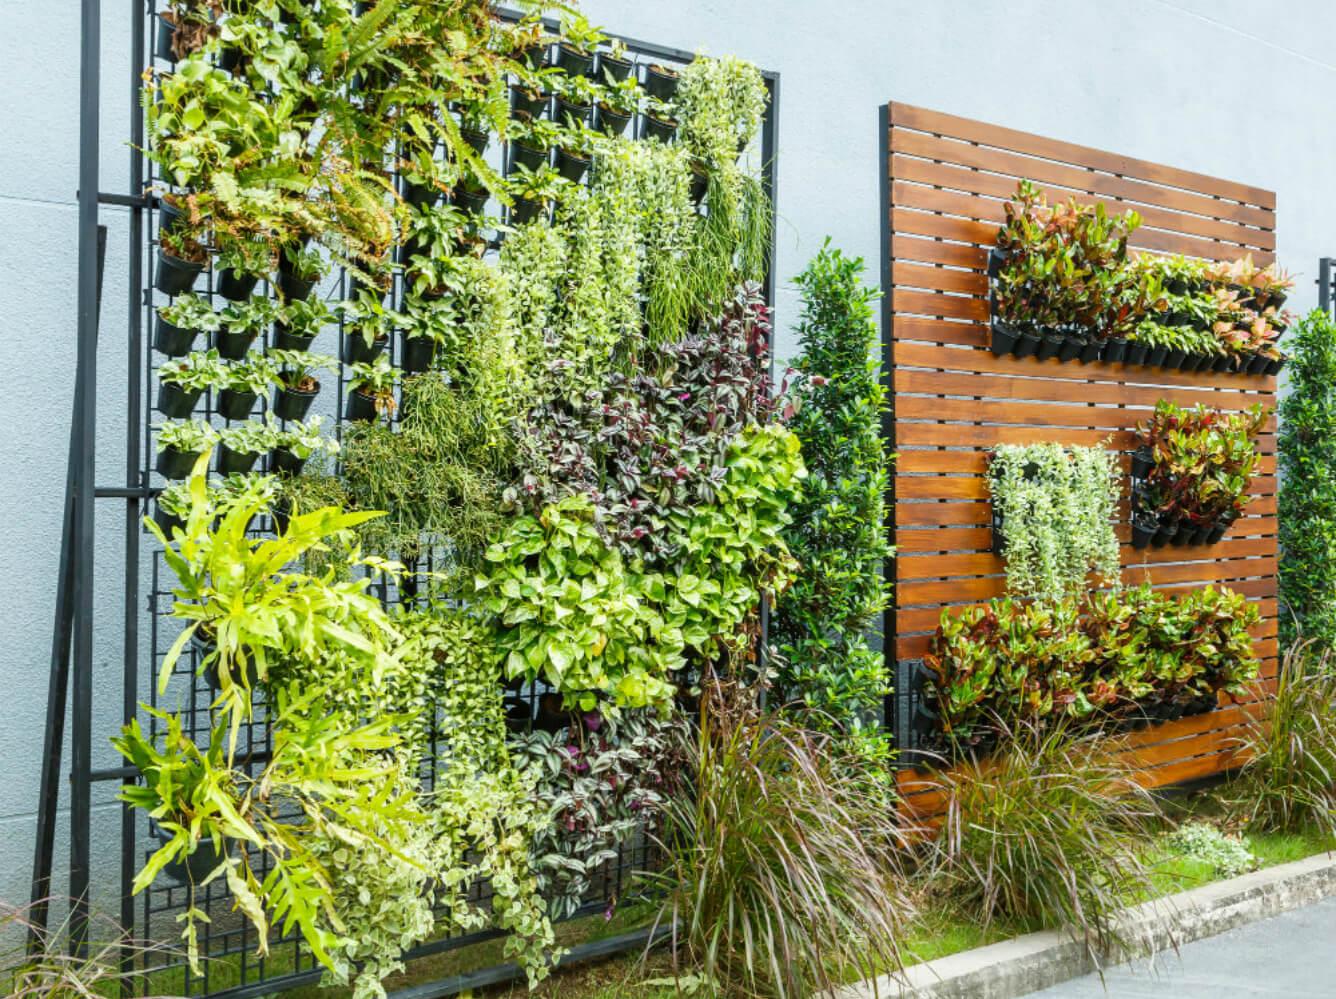 horta-vertical-em-restaurante-conheca-essa-tendencia.jpeg